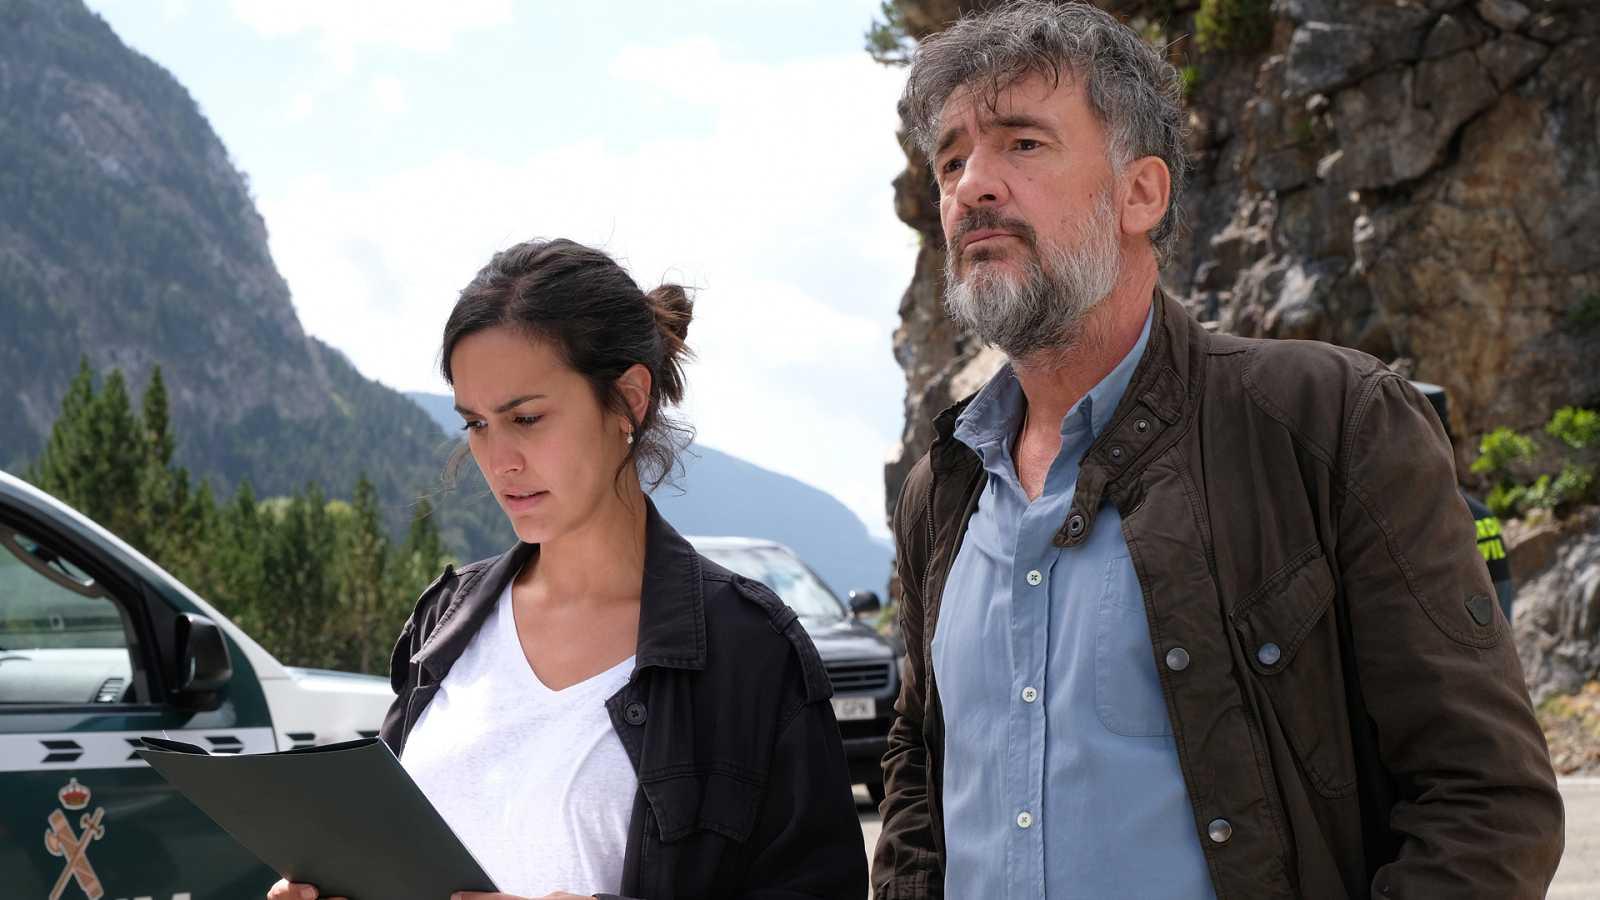 La caza. Monteperdido - ¿Qué ha pasado con Ana y Lucía? Muy pronto en La 1